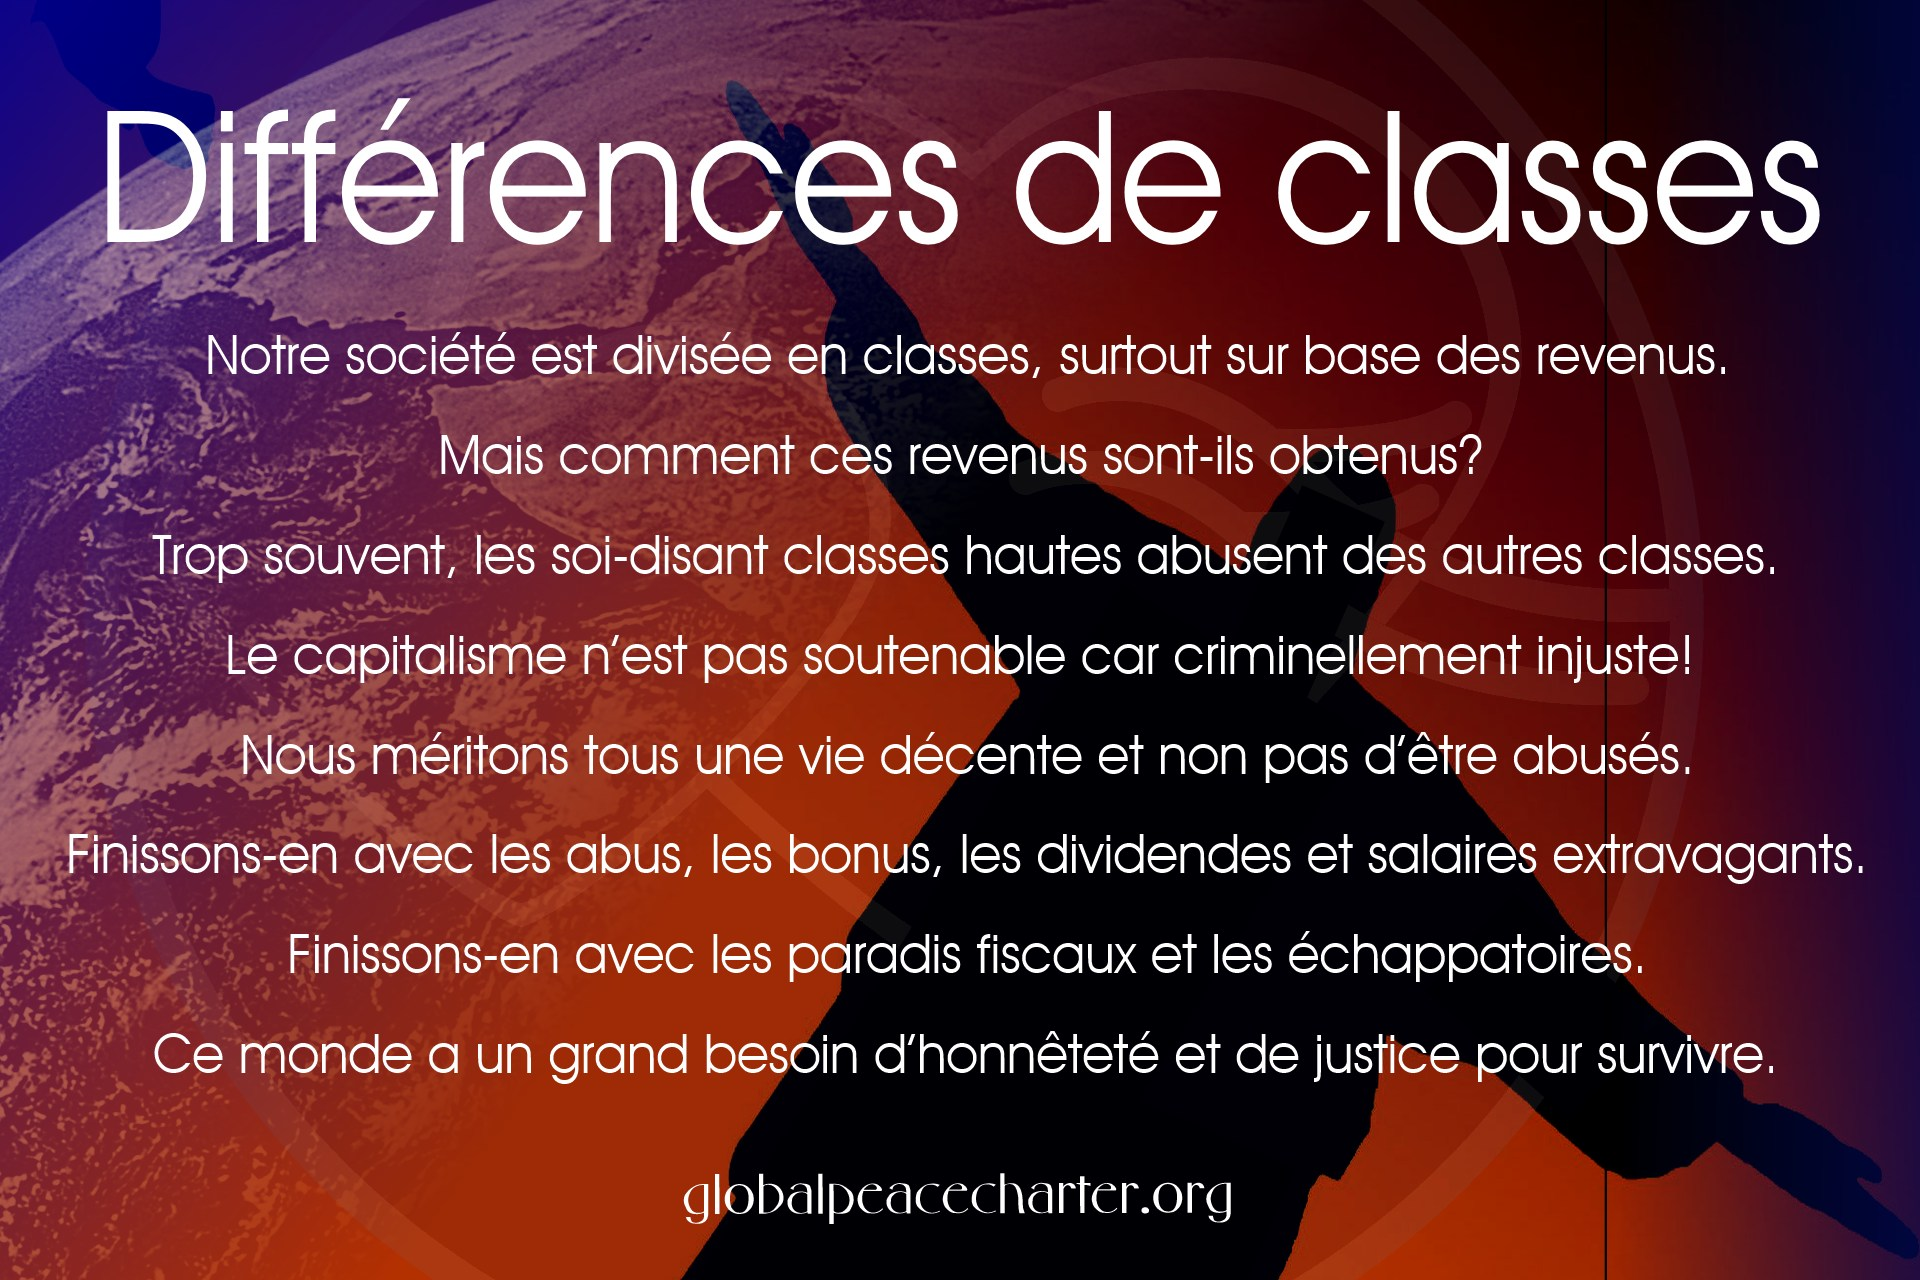 Différences de classes